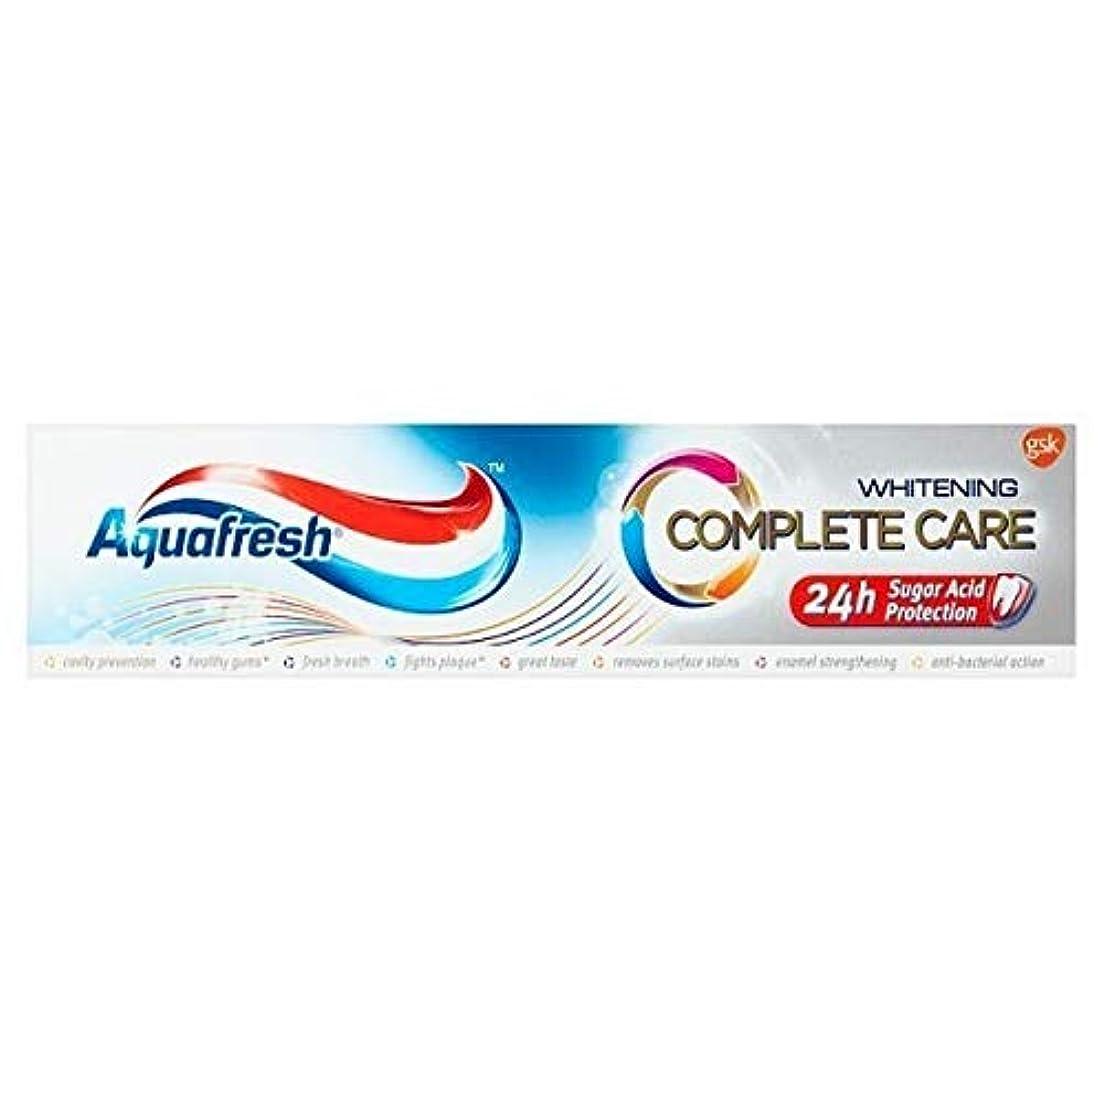 スクワイアに負けるファイアル[Aquafresh ] アクアフレッシュ完全なケア美白100ミリリットル - Aquafresh Complete Care Whitening 100ml [並行輸入品]